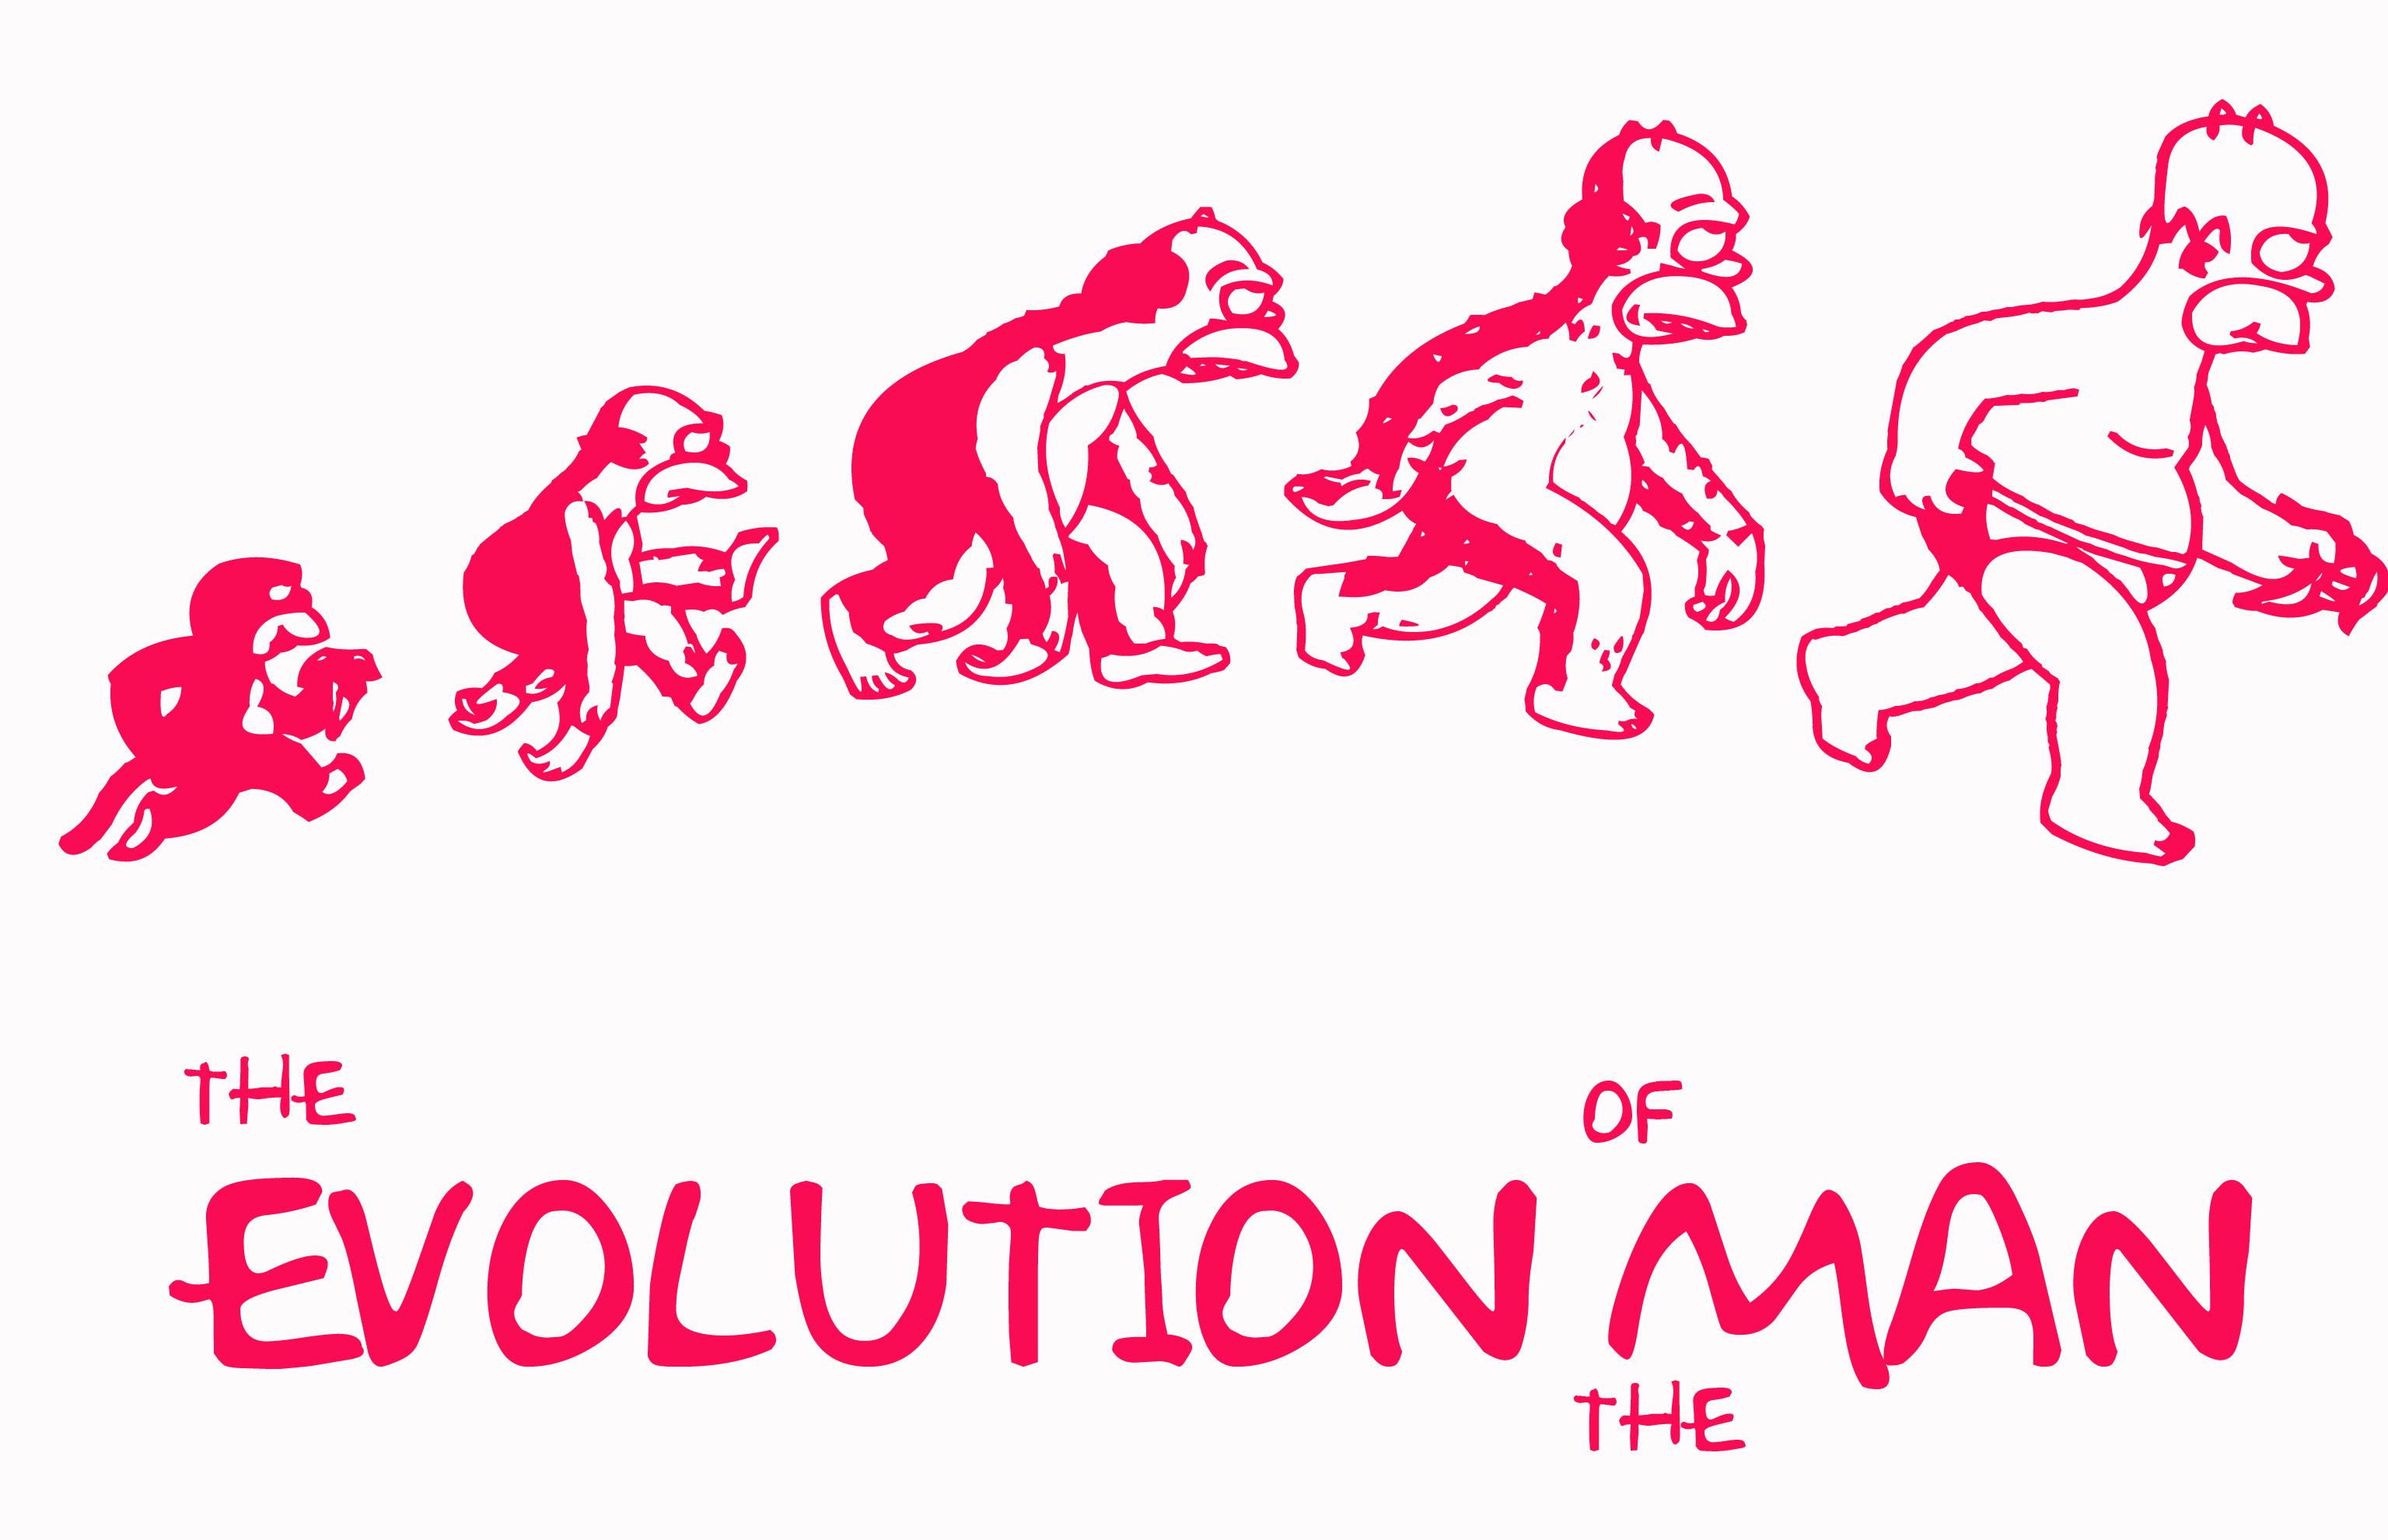 La evolución según Homer